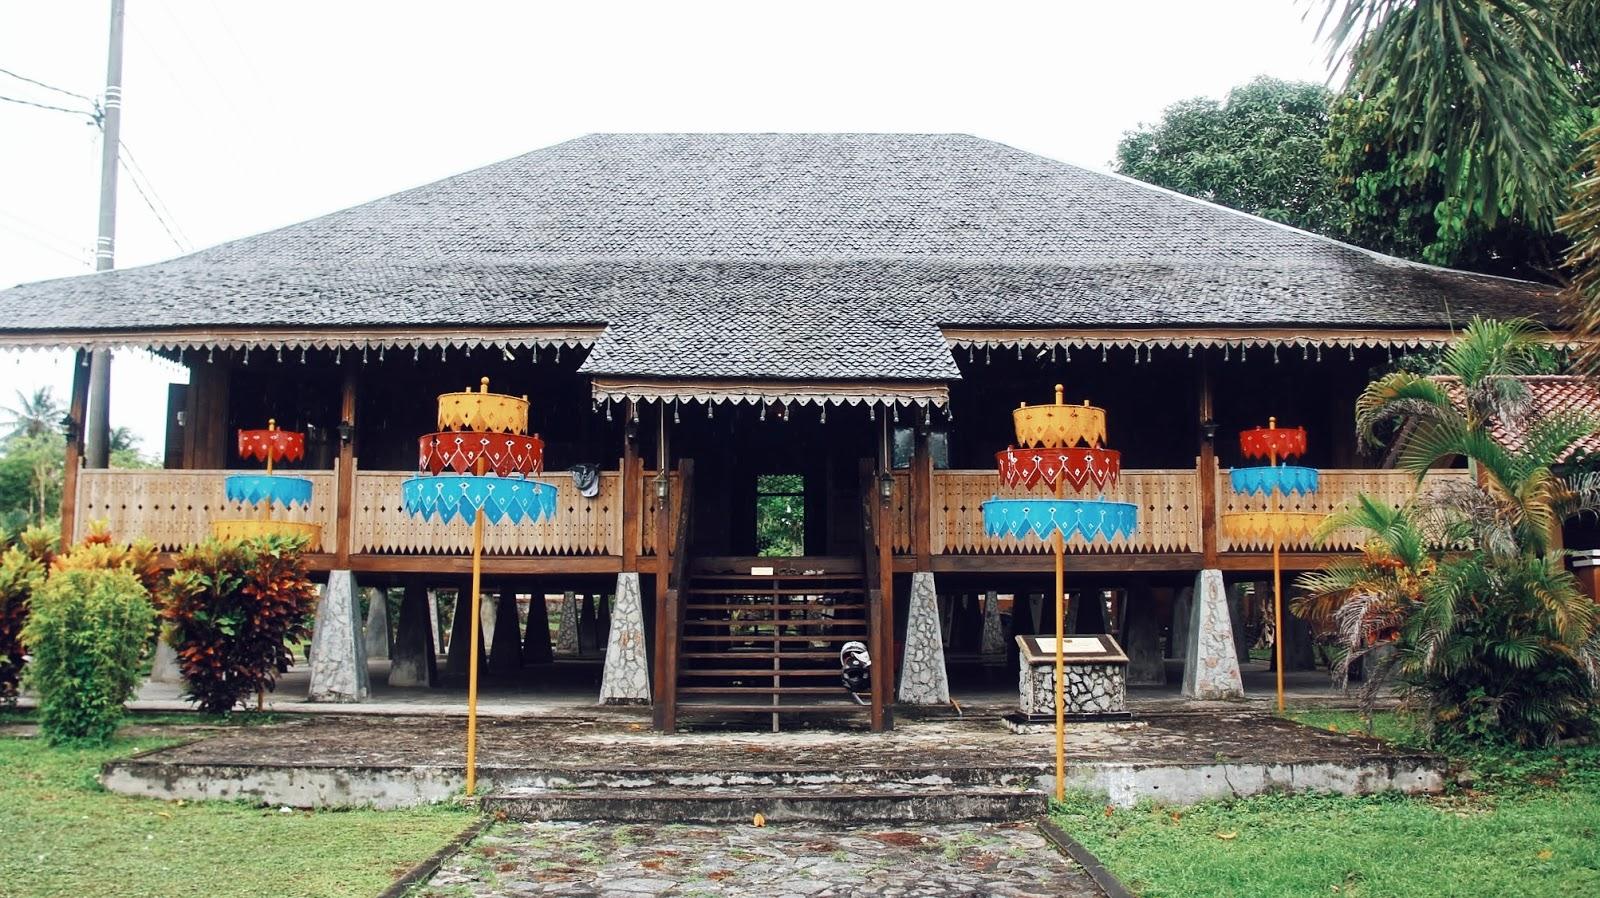 Bergaya Dengan Pakaian Tradisional Melayu Di Rumah Adat Belitong